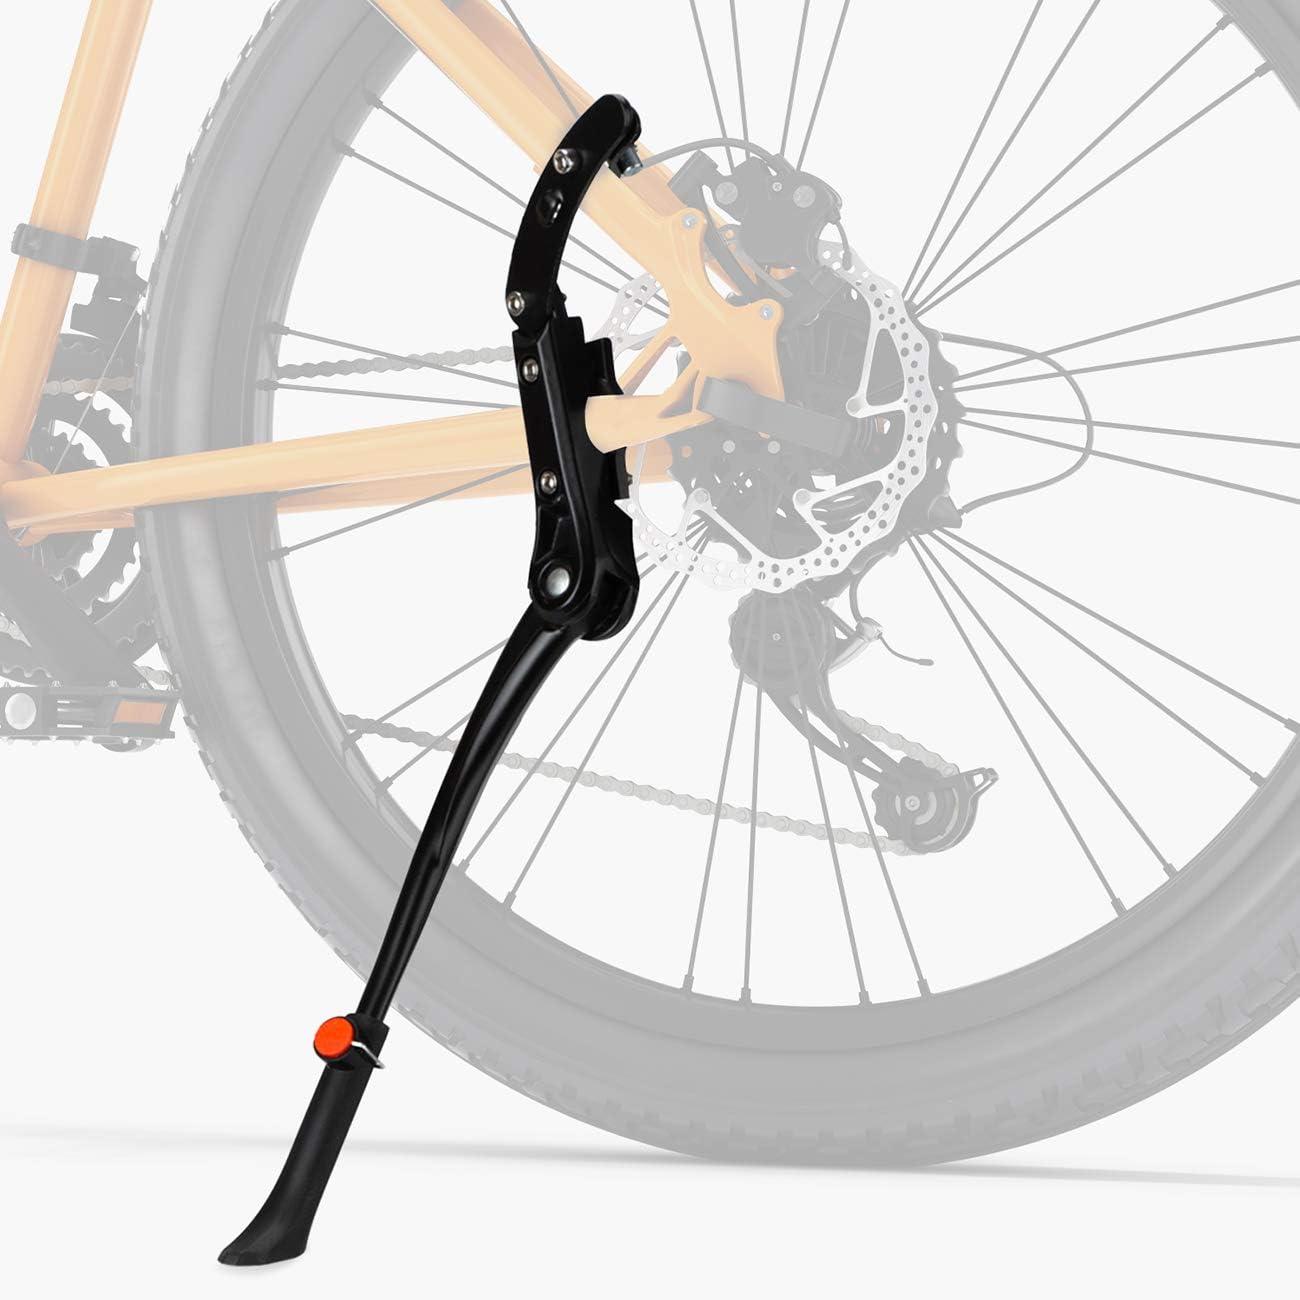 Favoto Pata de Cabra para Bicicleta, Soporte de Bicicleta de Altura Ajustable Aluminio Aleación Plegable para Bicicleta de Montaña Carretera 24